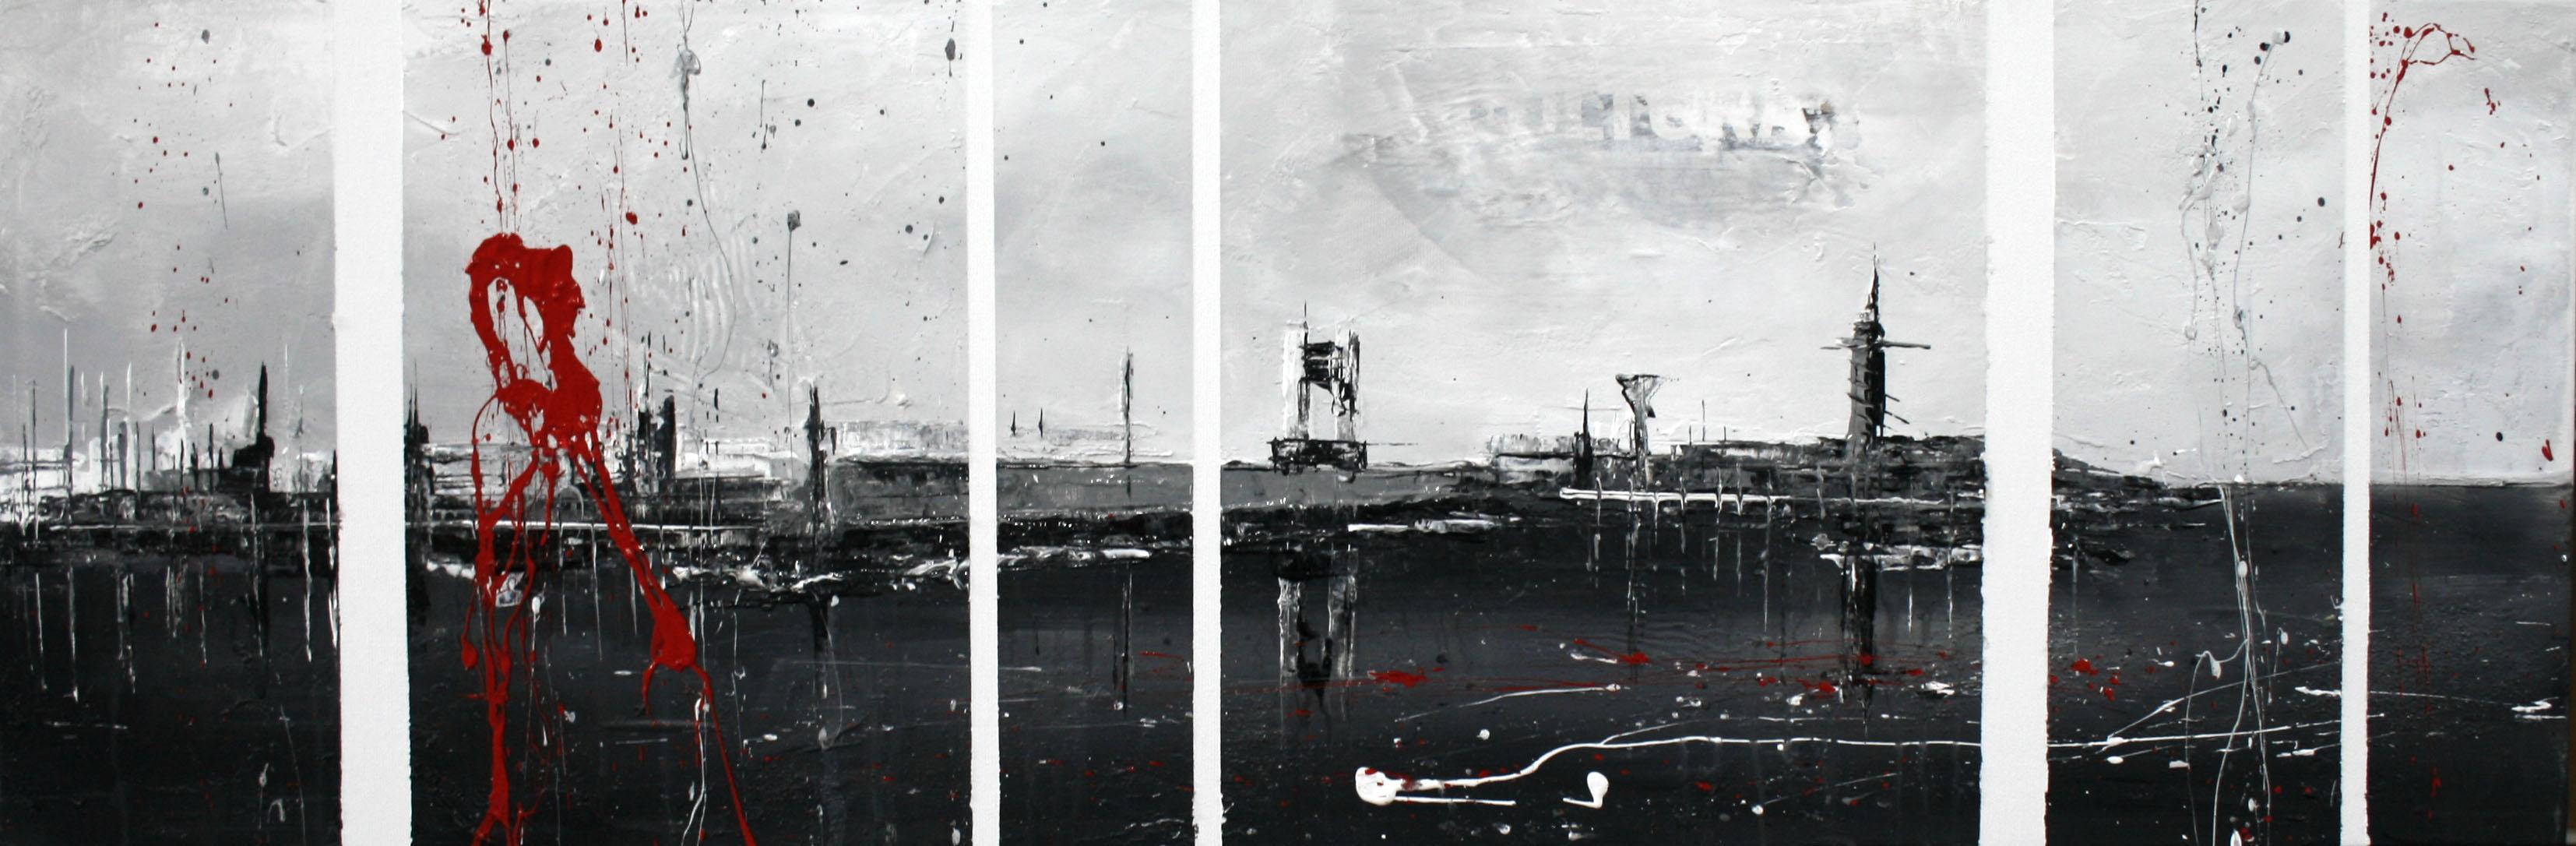 596_coruña_90x30cm_mixed on canvas